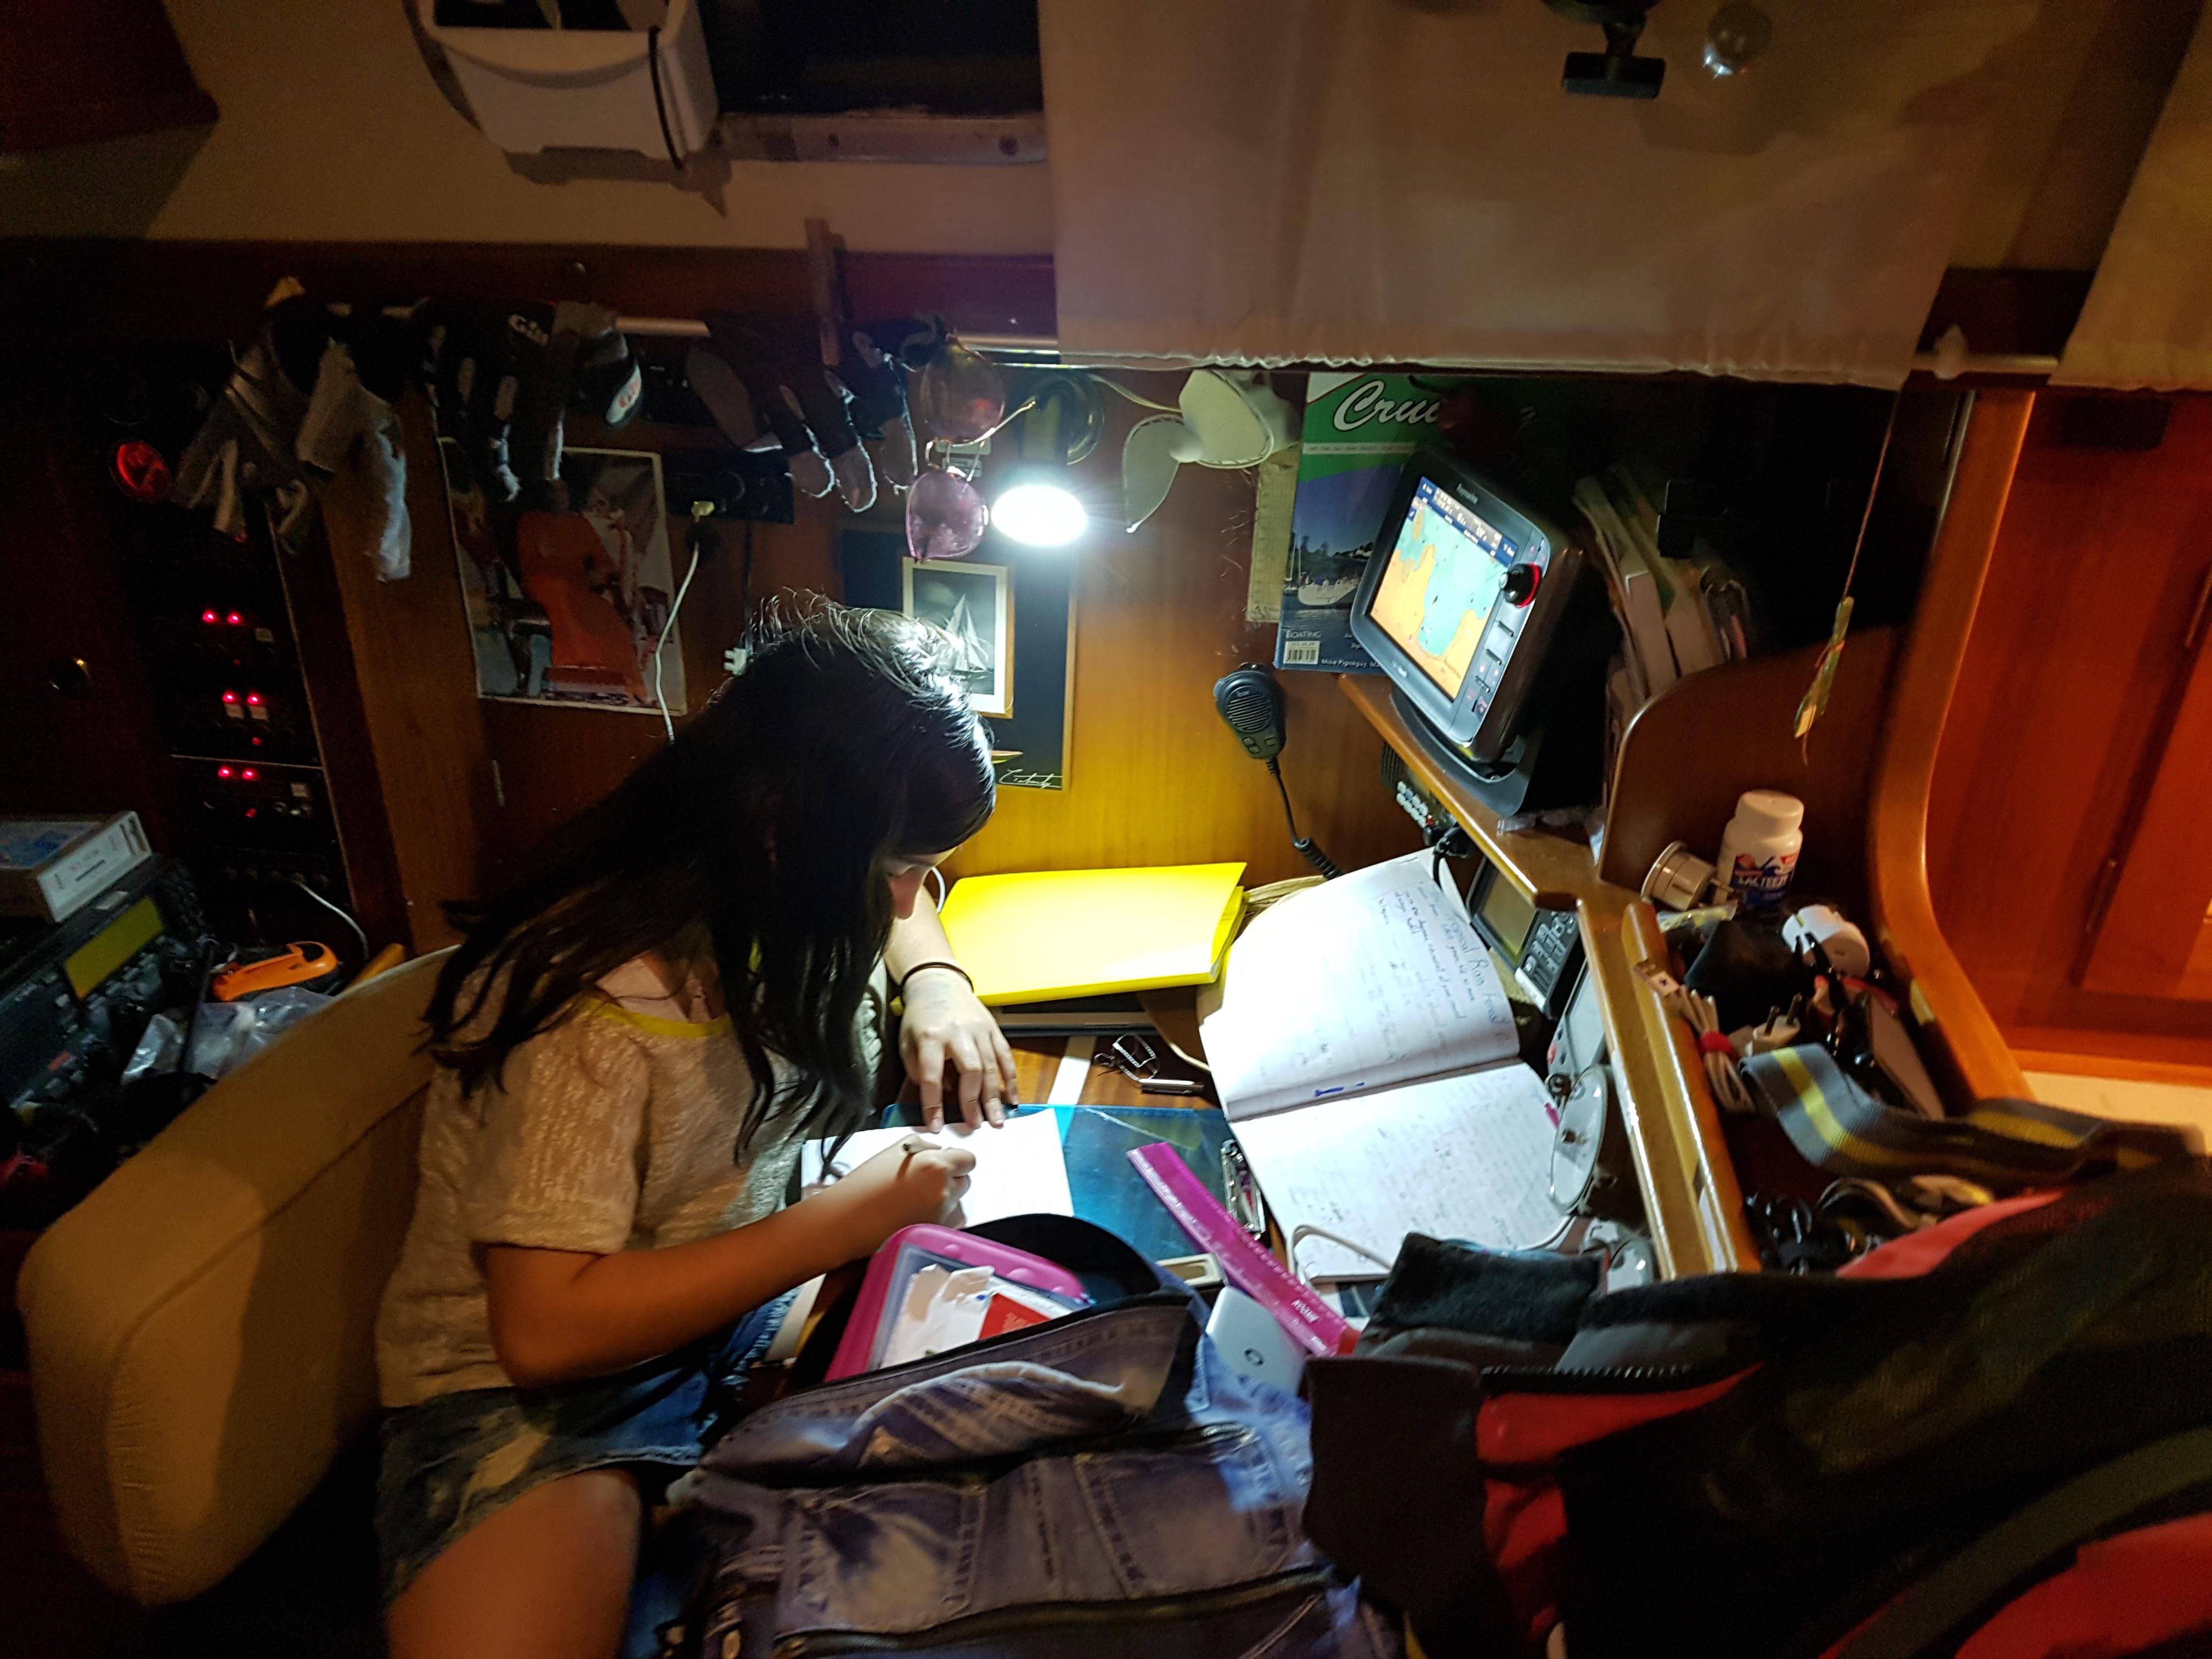 배우기 위해 반드시 학교에 가야 한다거나, 일하기 위해 회사에 가야 한다는 고정관념이 사라지고 있다. 엔스파이럴 남미 대사인 산드라의 딸은 몇 년 째 가족들과 보트를 타고 여행하면서 배우고 있다. ©이송이